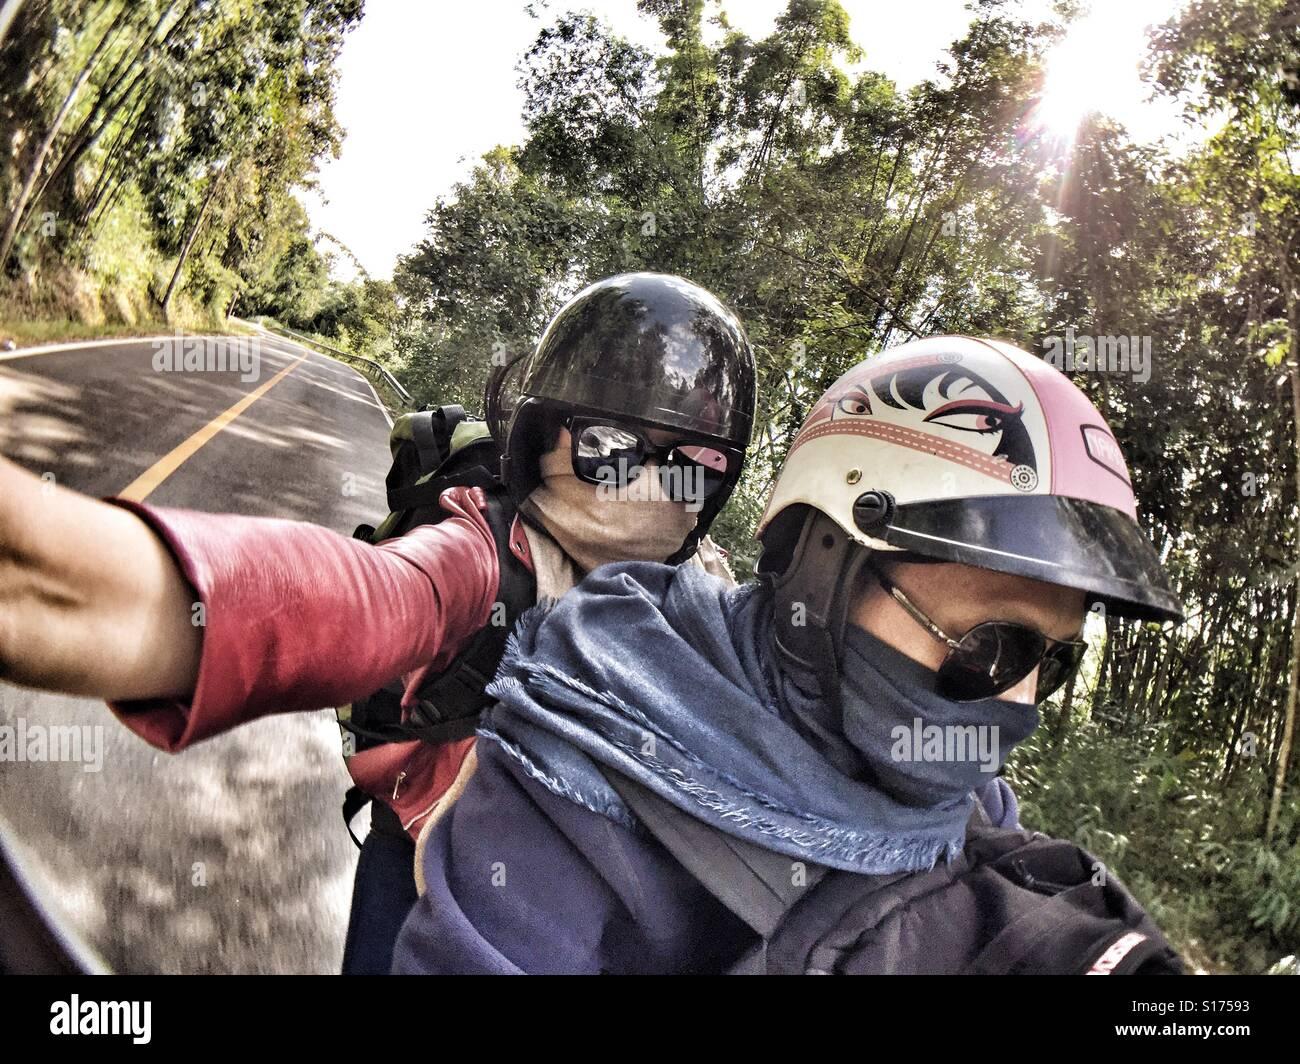 Viaggiatore selfie sul motociclo Immagini Stock